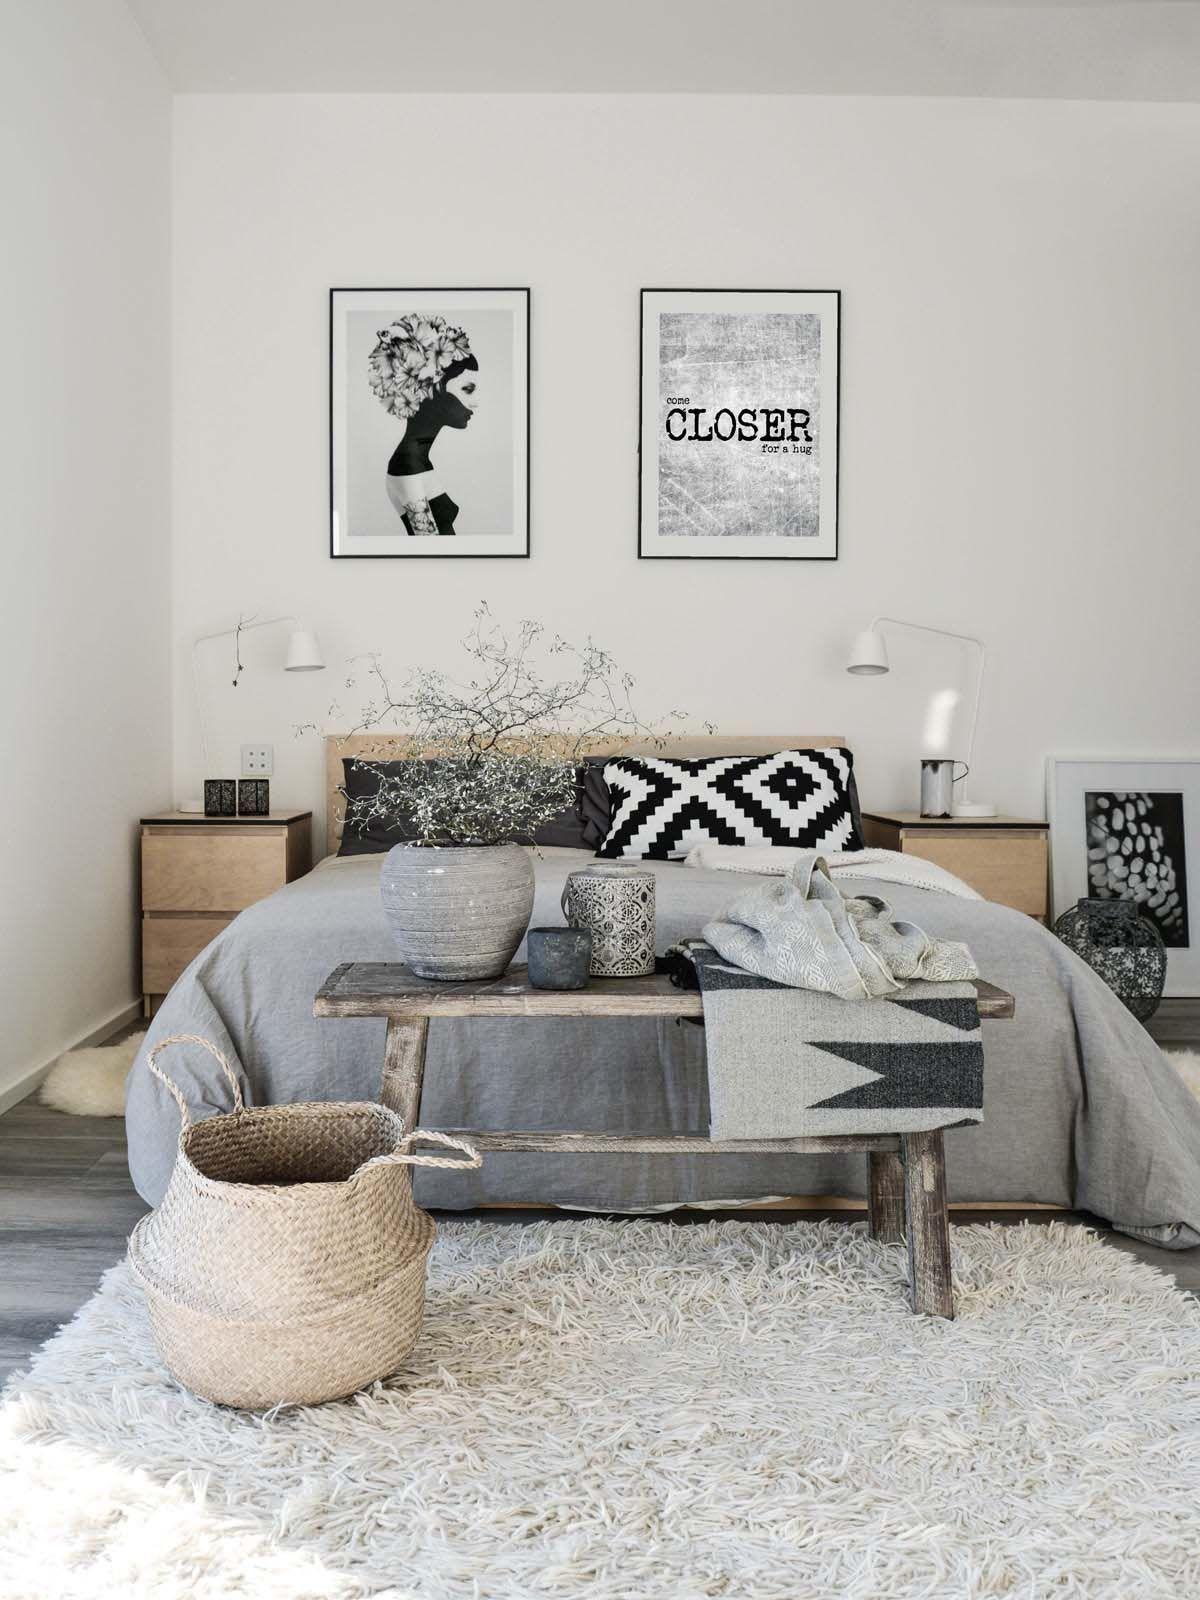 10 Pinterest Bedroom Ideas Most Amazing And Also Gorgeous Scandinavian Design Bedroom Bedroom Design Trends Bedroom Interior